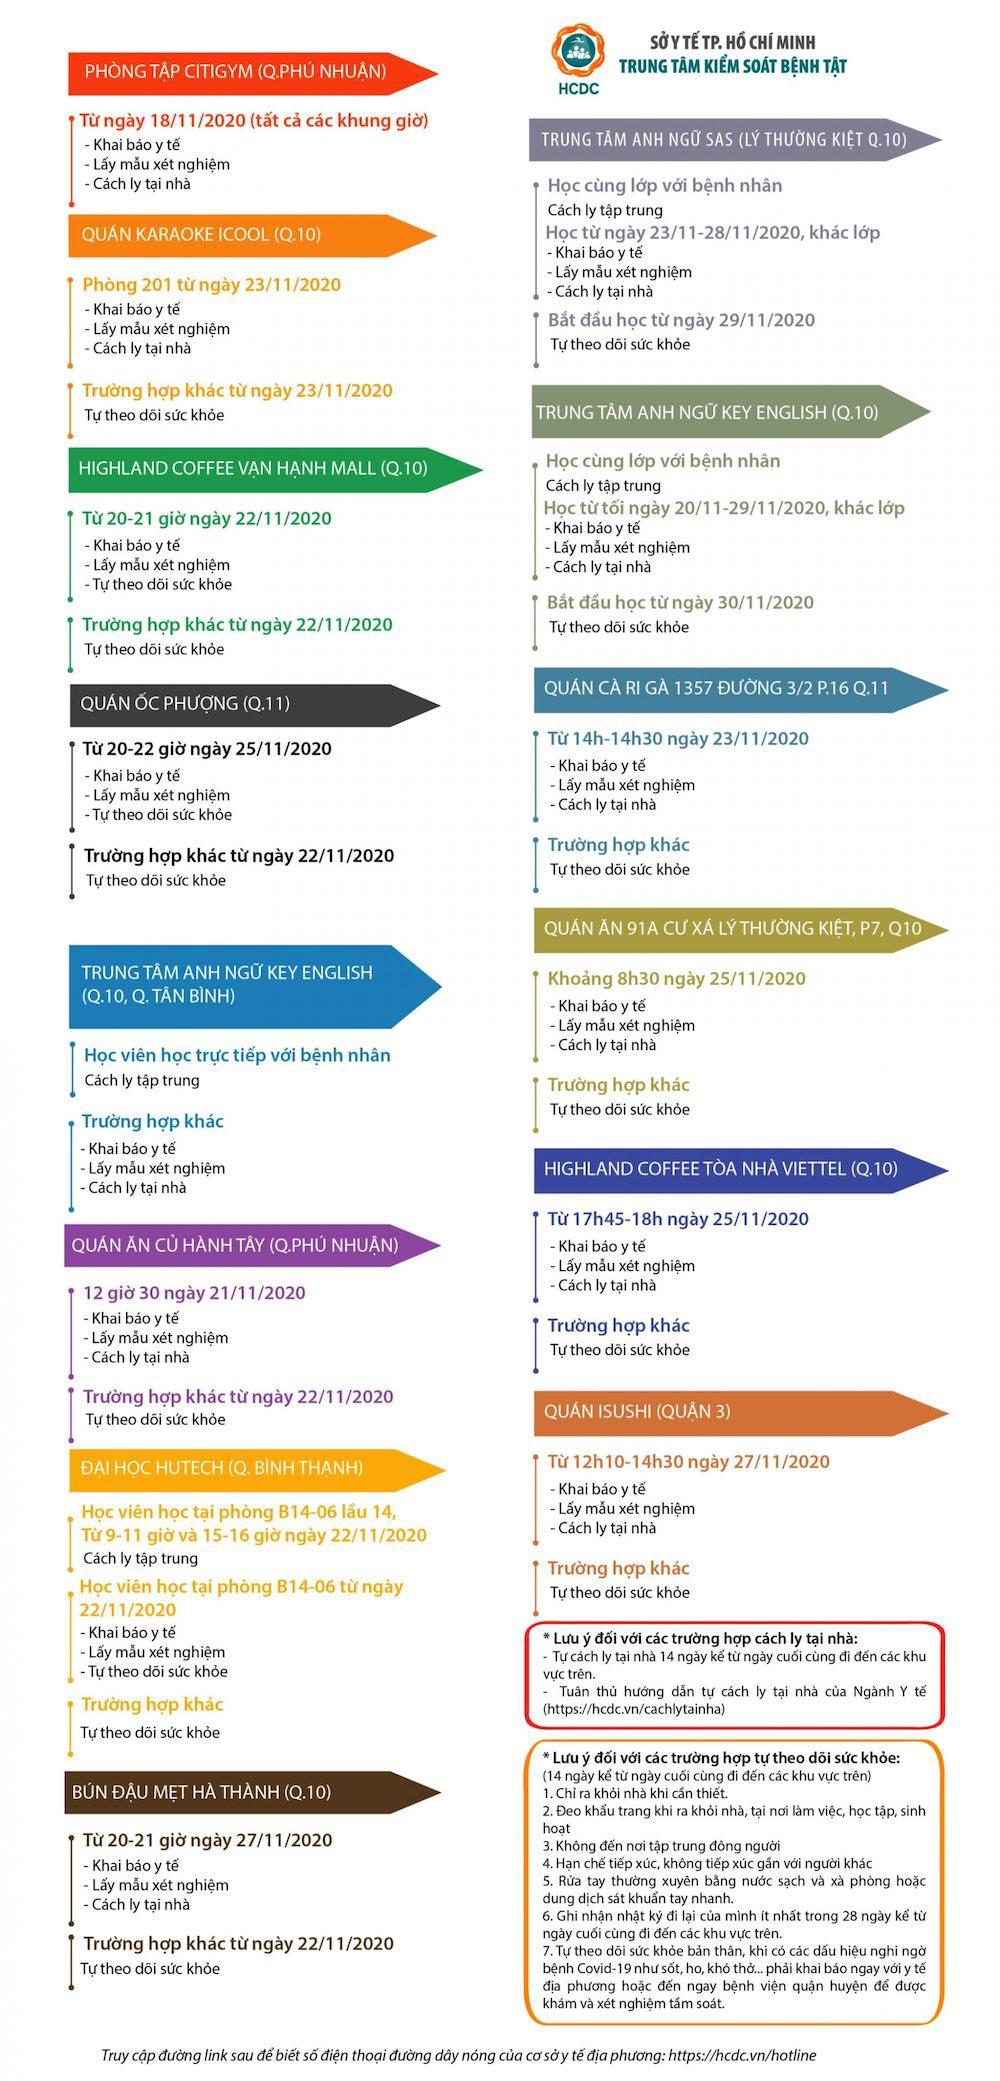 Thông tin cập nhật về dịch COVID-19 tại TP.HCM tới sáng 4/12 - 2